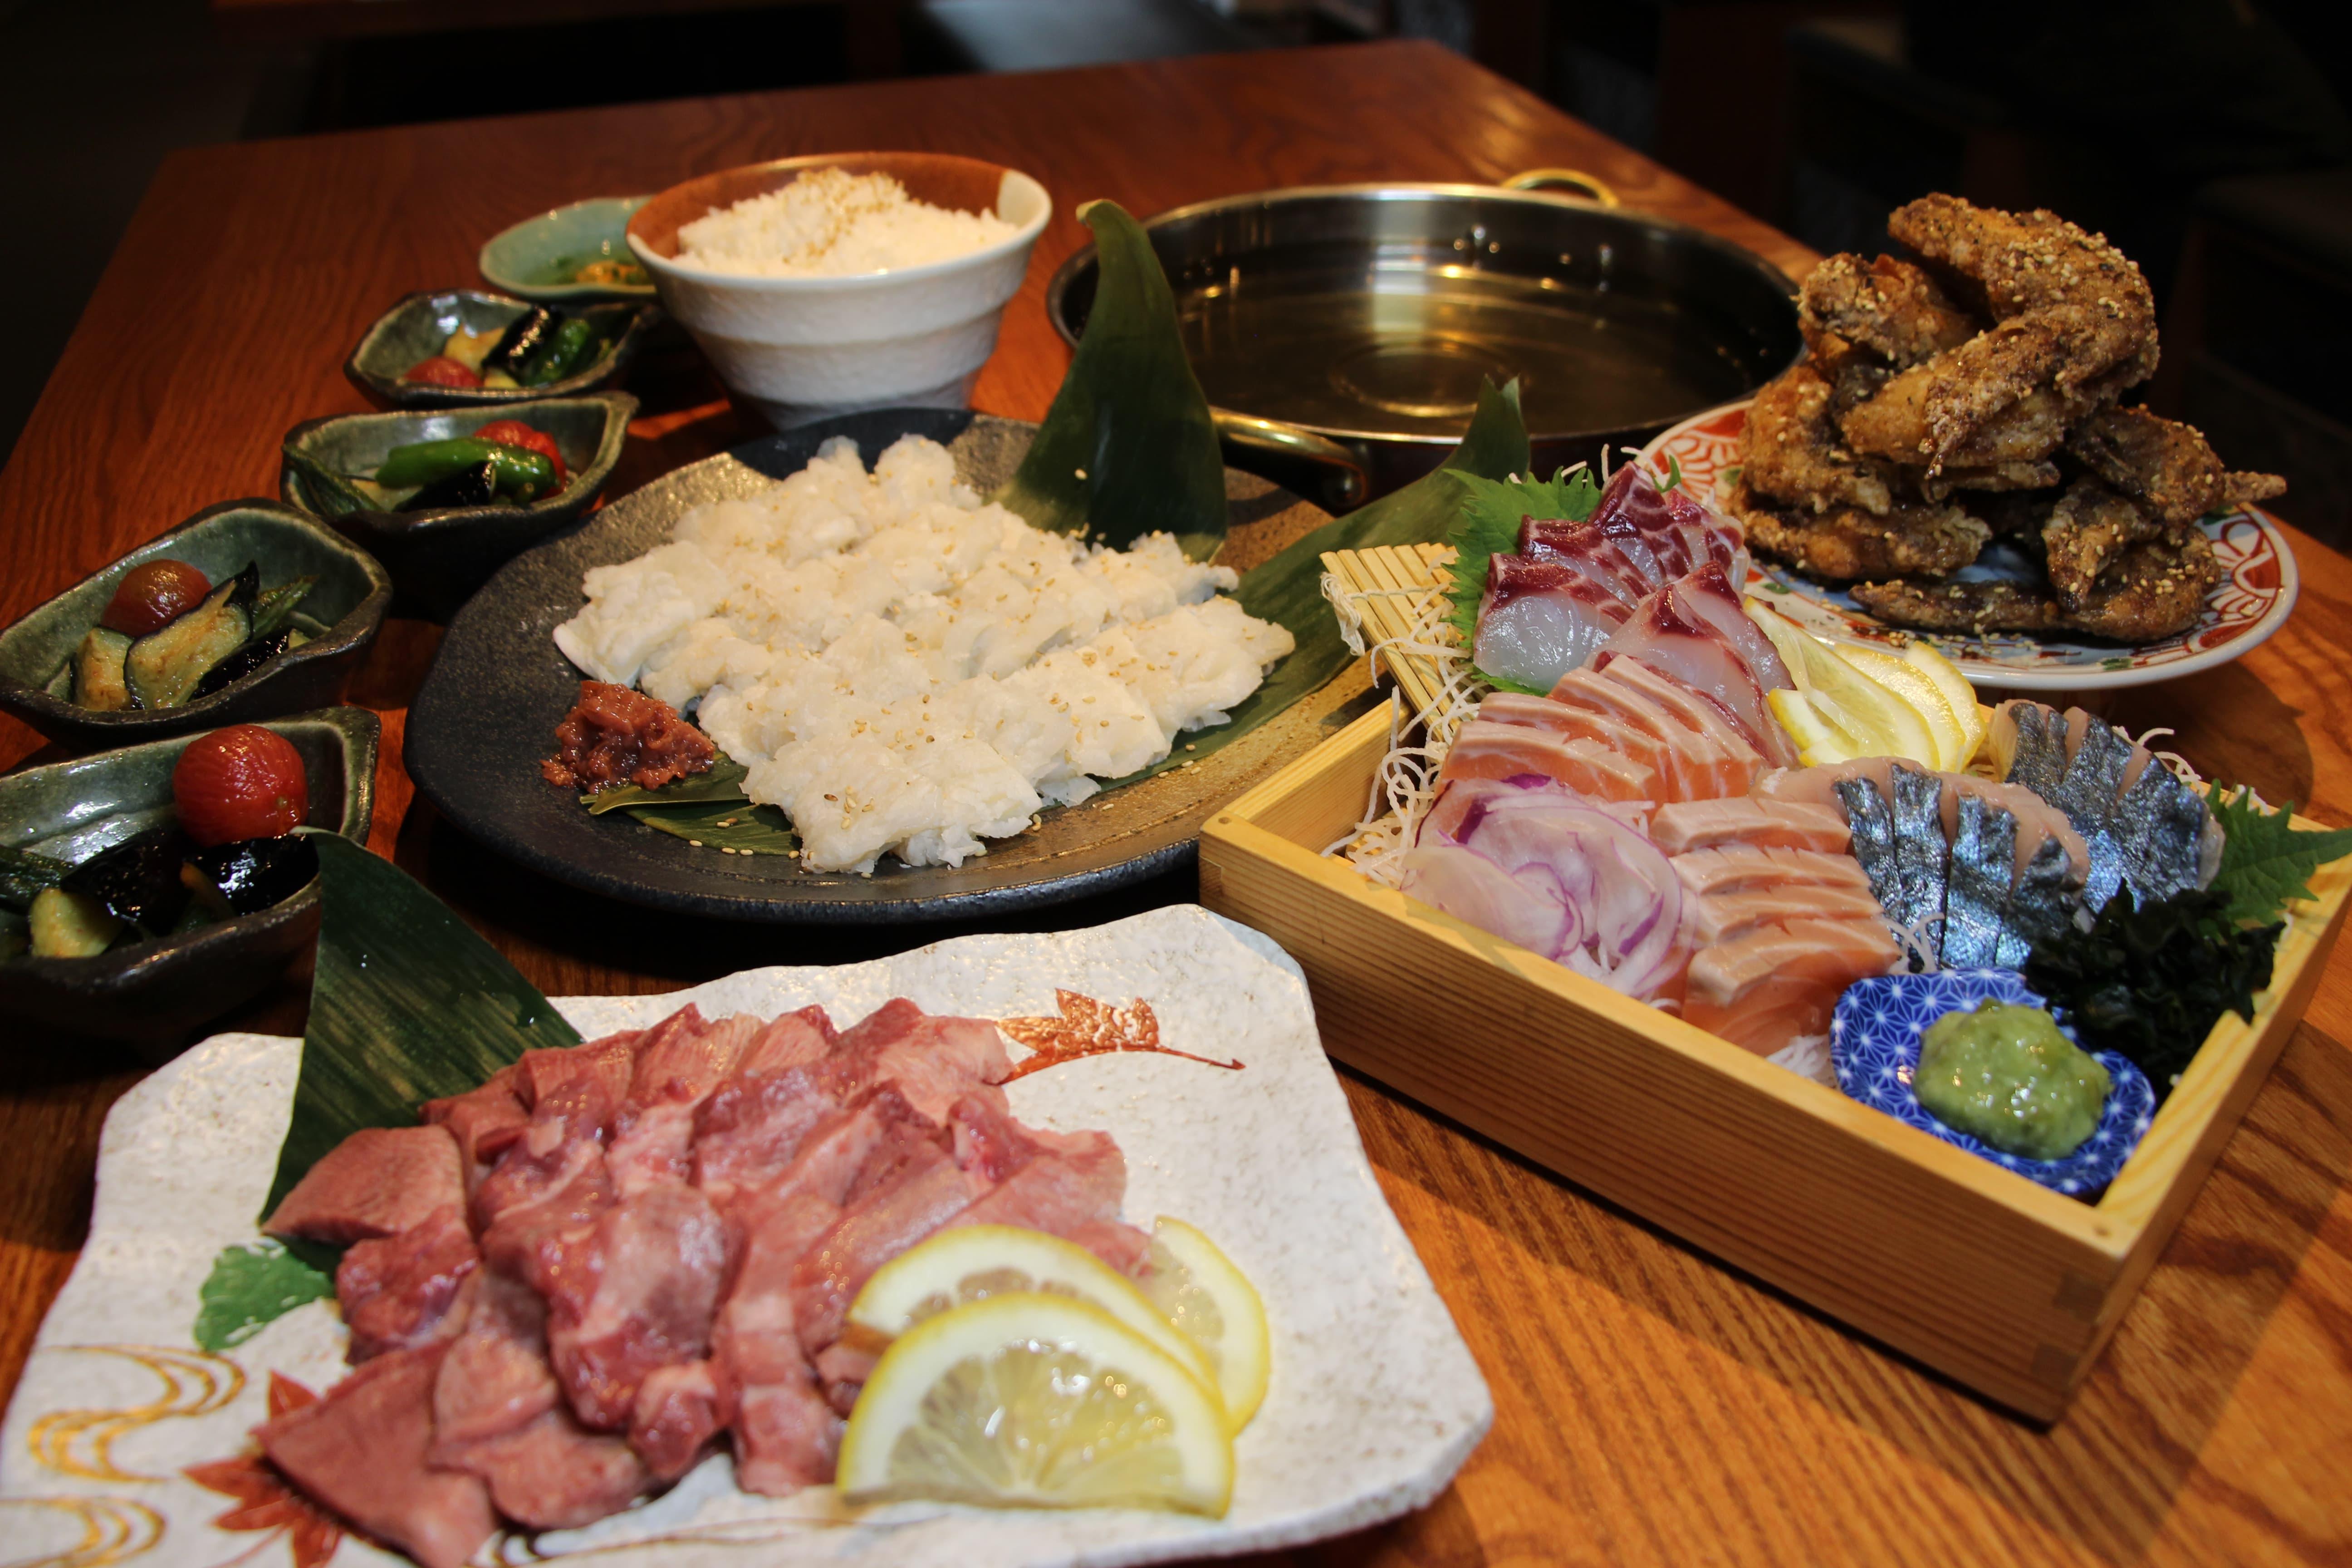 2000円<br /> 旬の鱧<はも>しゃぶしゃぶと牛タン使用!厚切り牛タンの焼肉コース